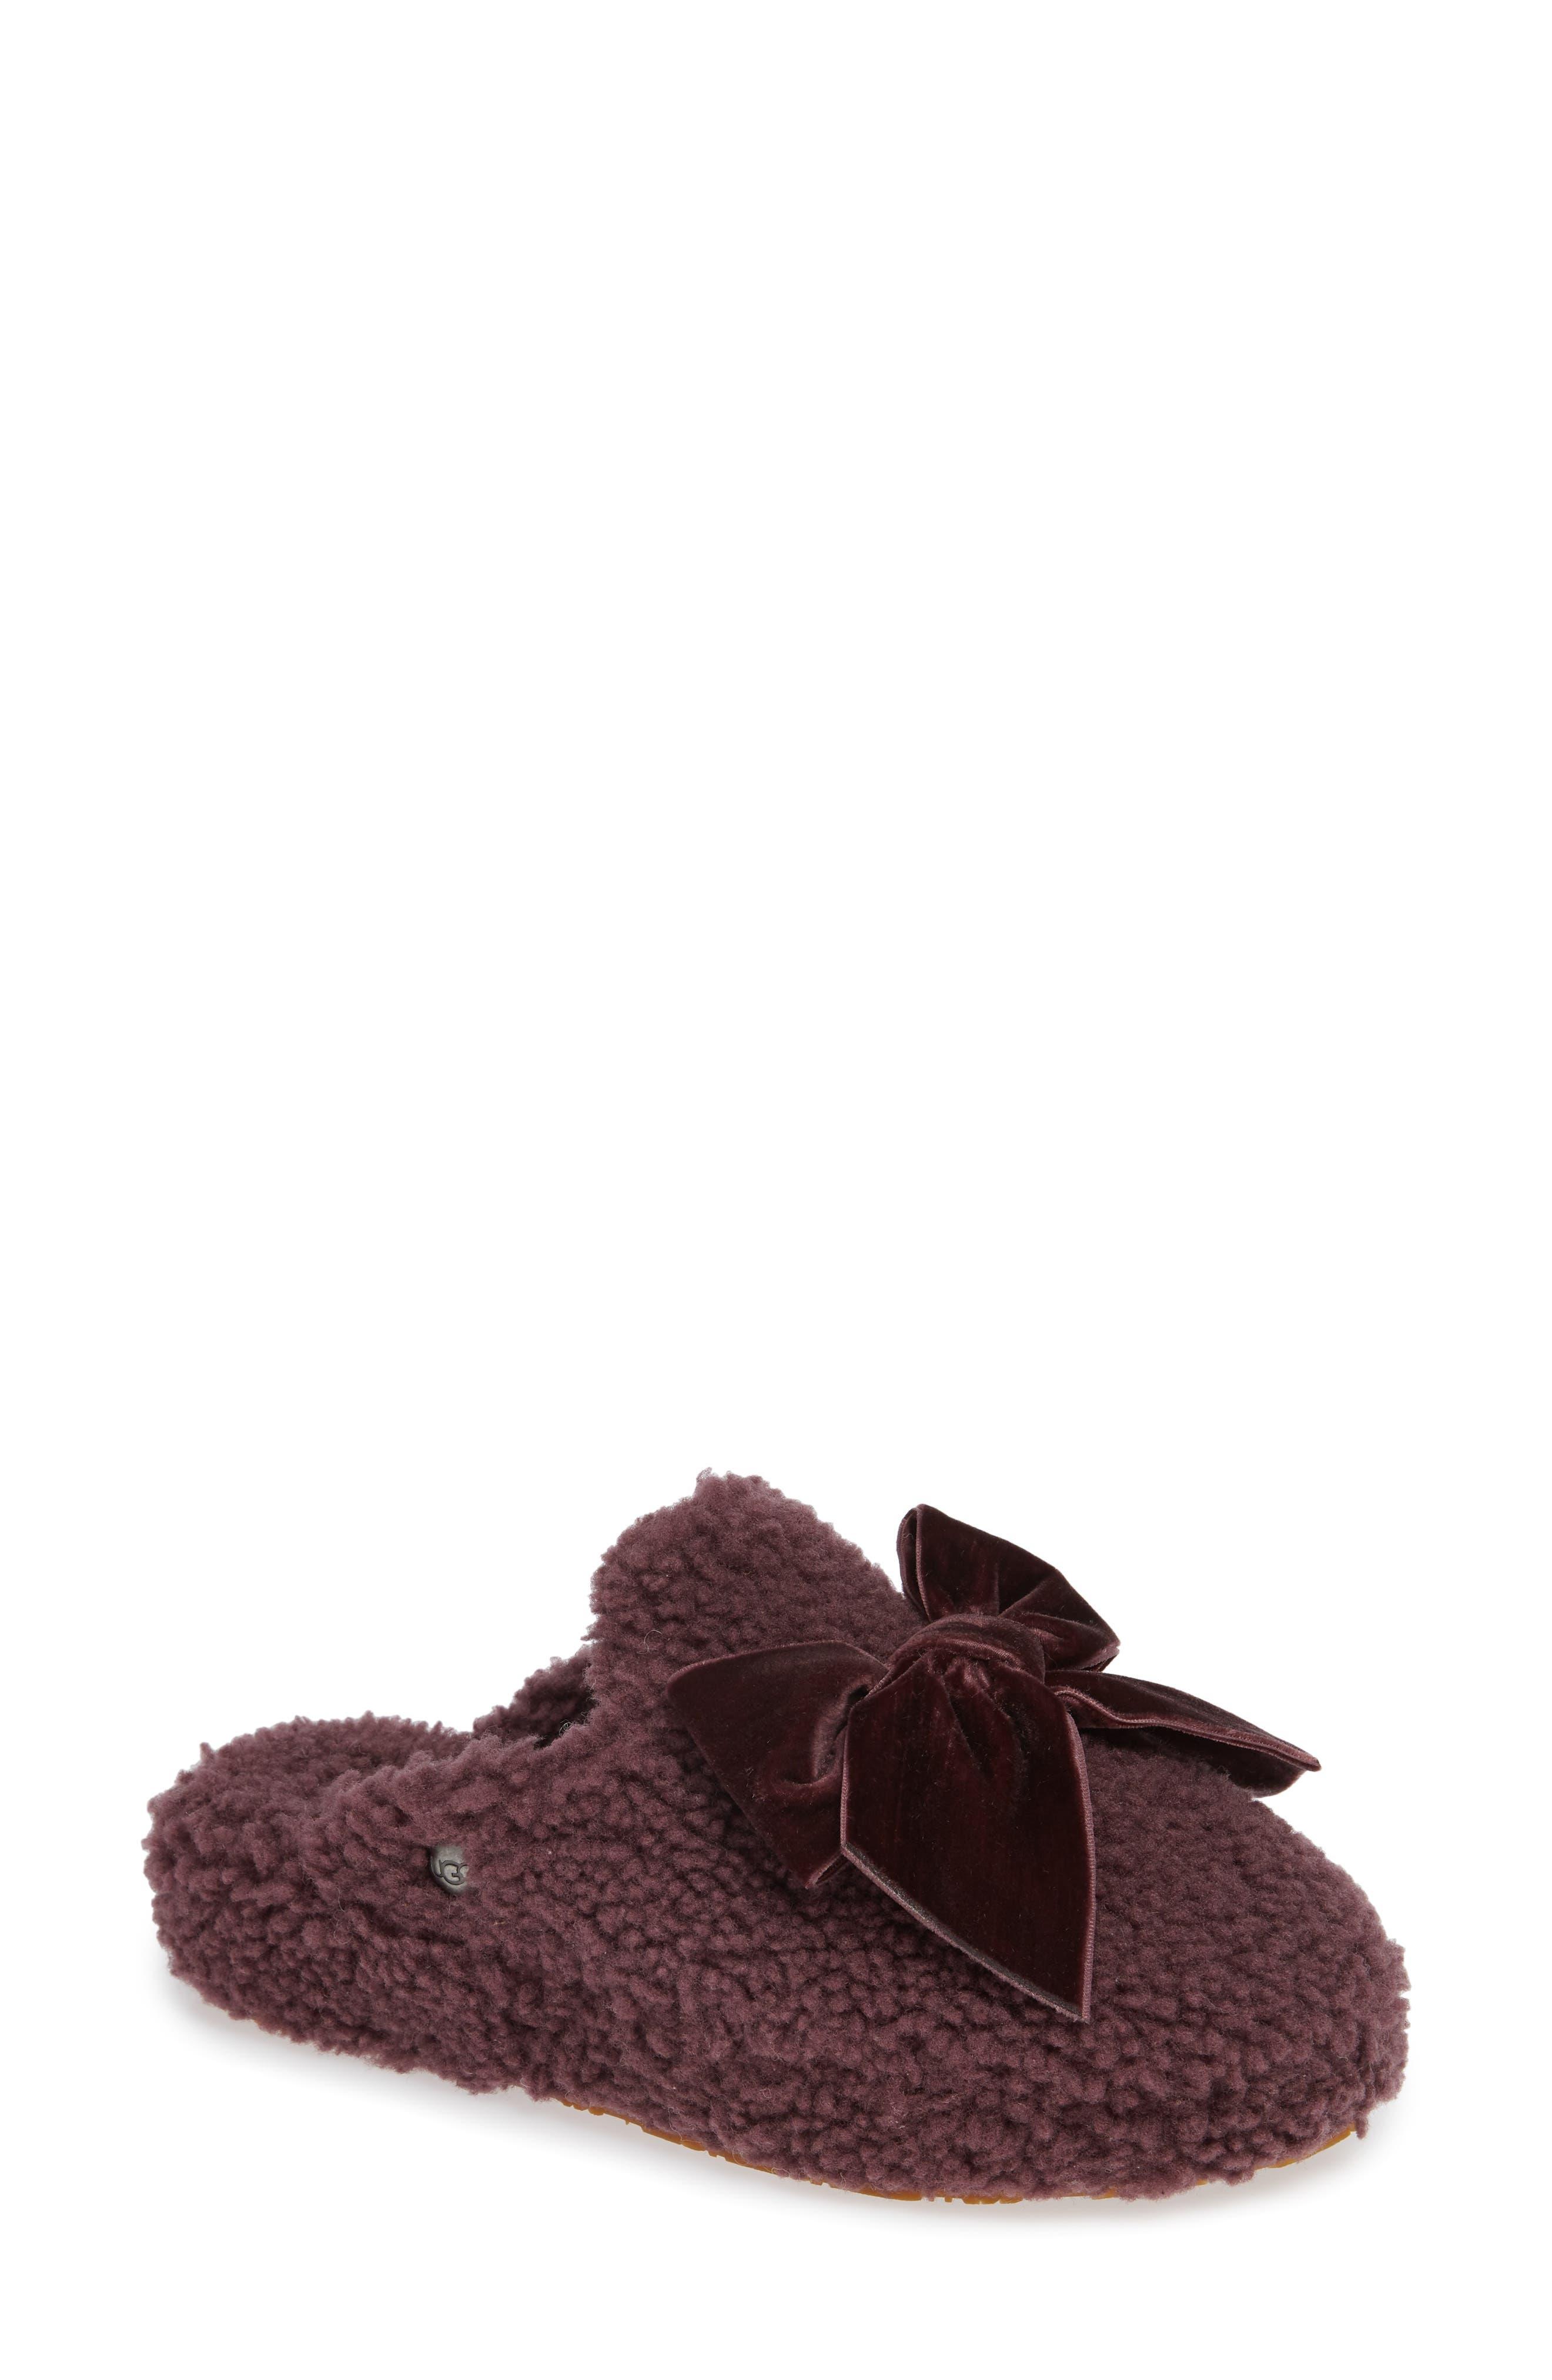 Addison Velvet Bow Genuine Shearling Slipper,                             Main thumbnail 1, color,                             PORT